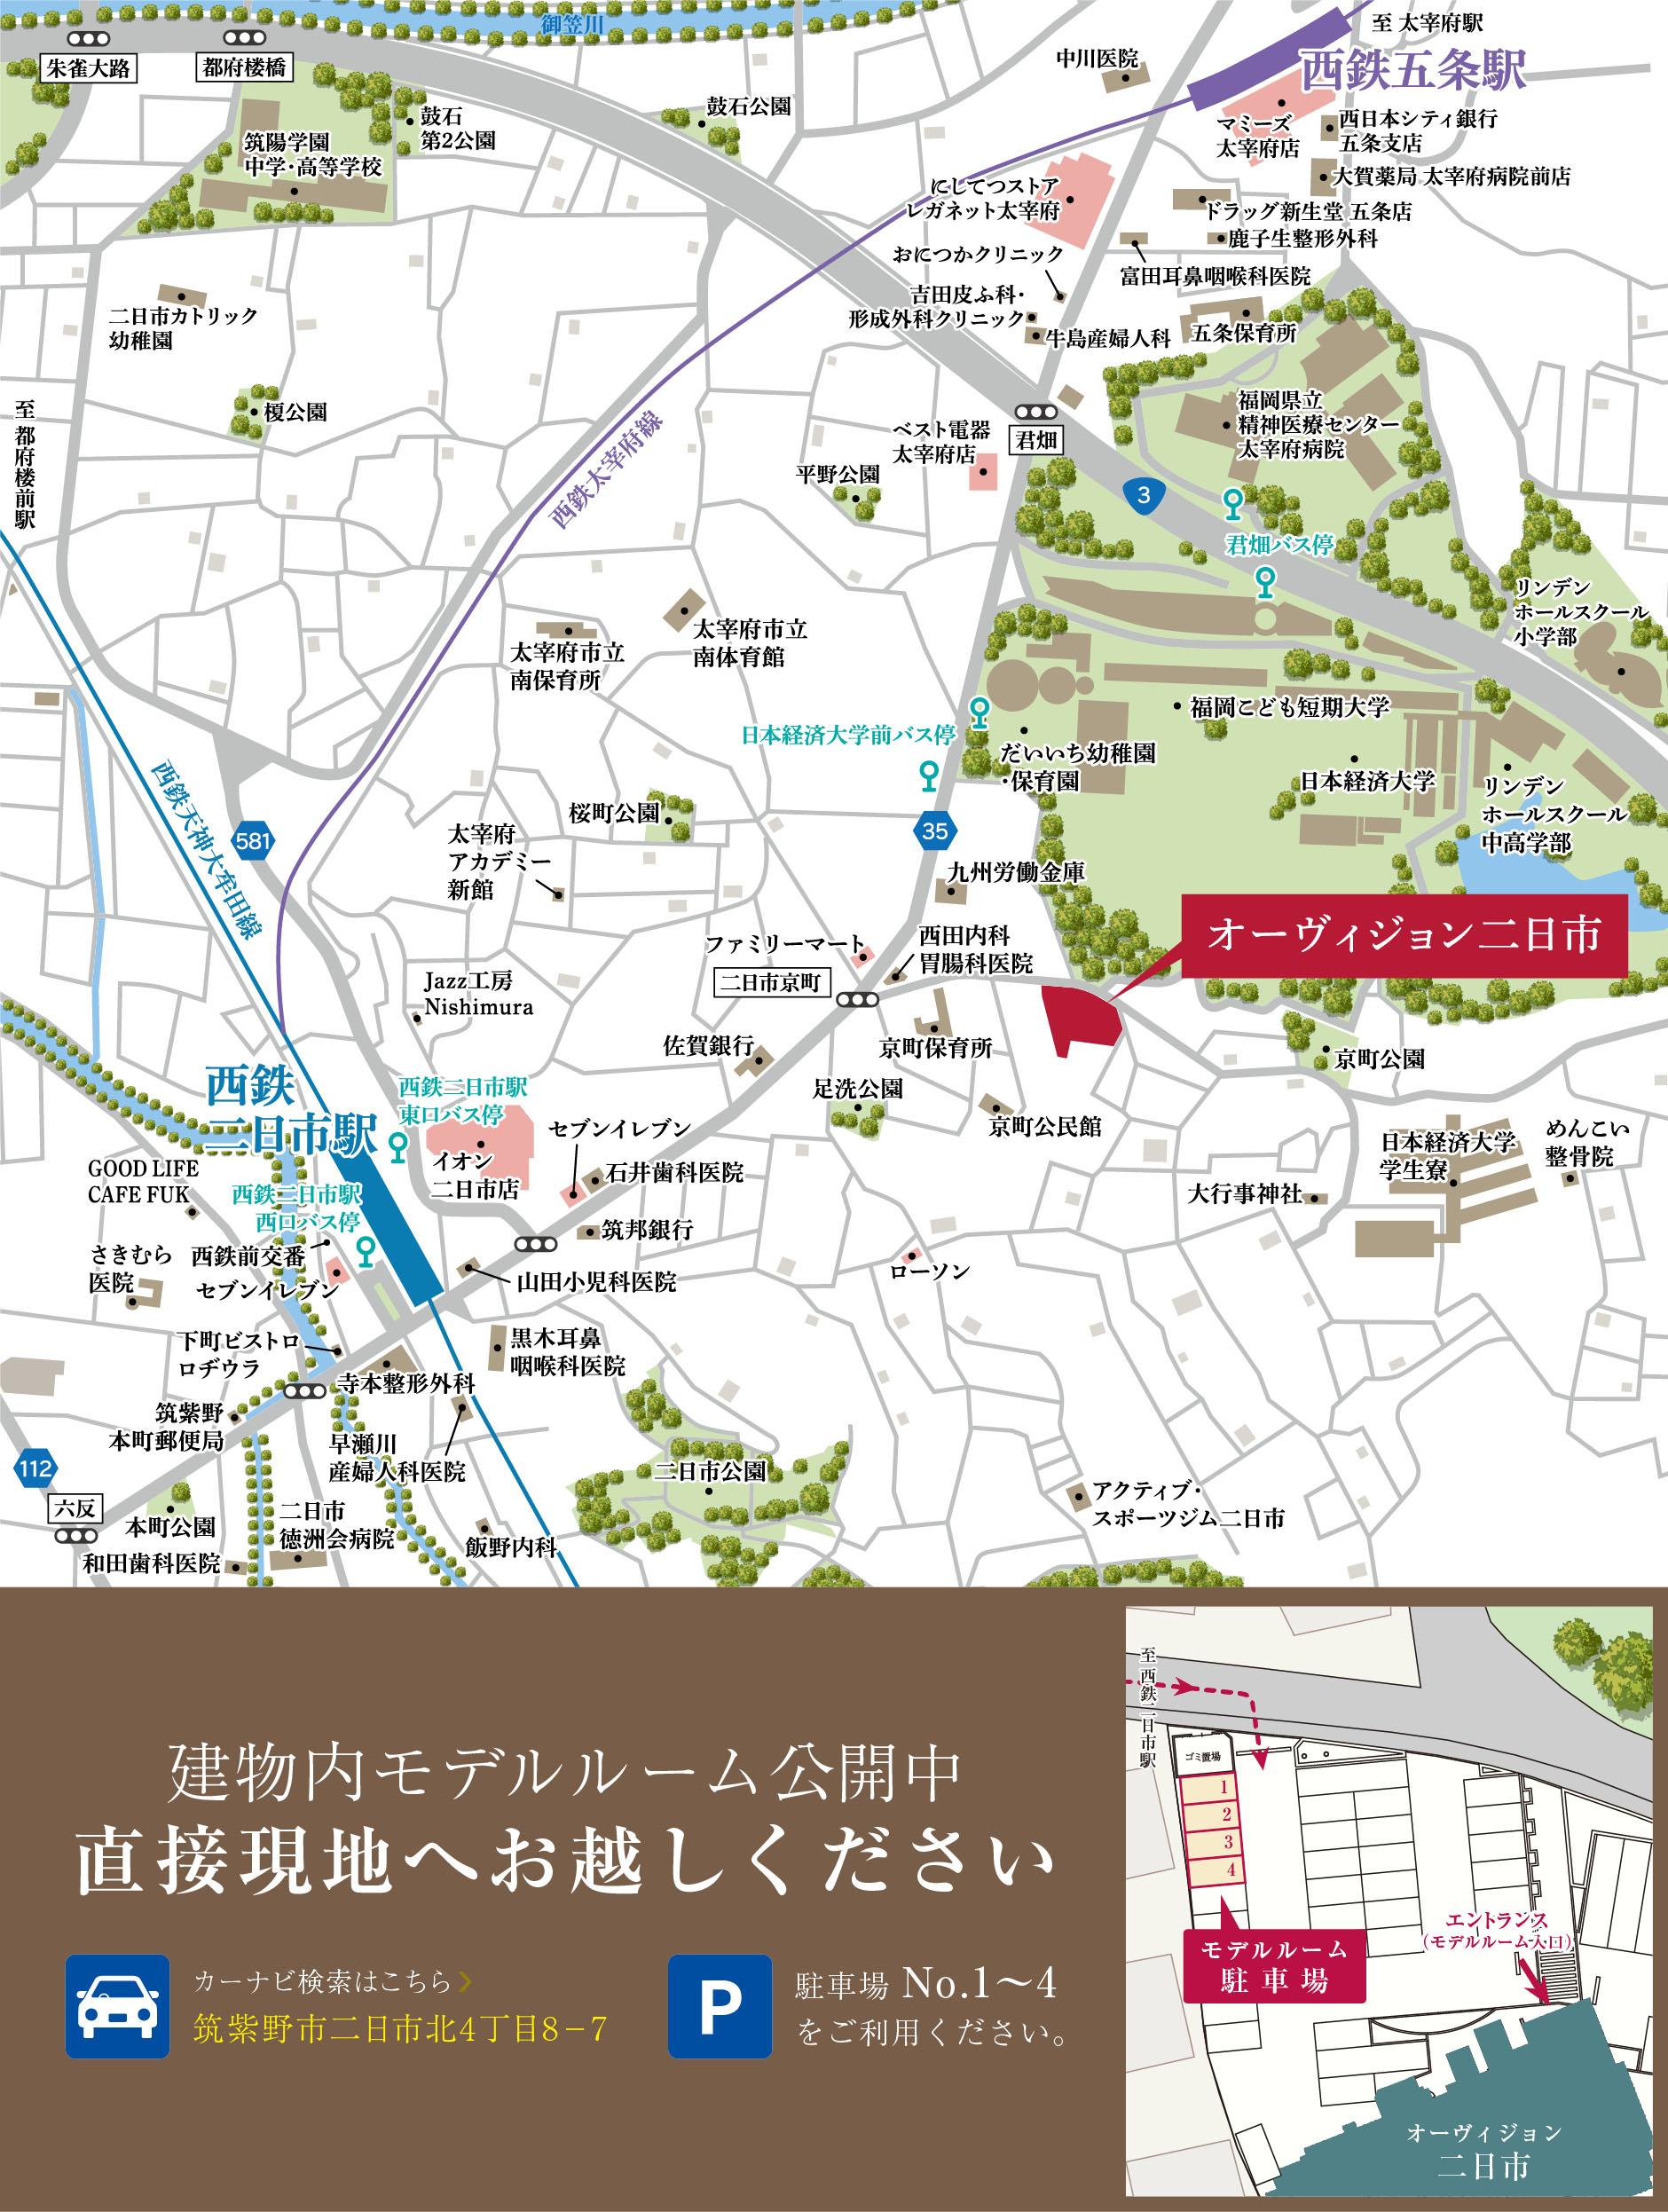 オーヴィジョン二日市:モデルルーム地図